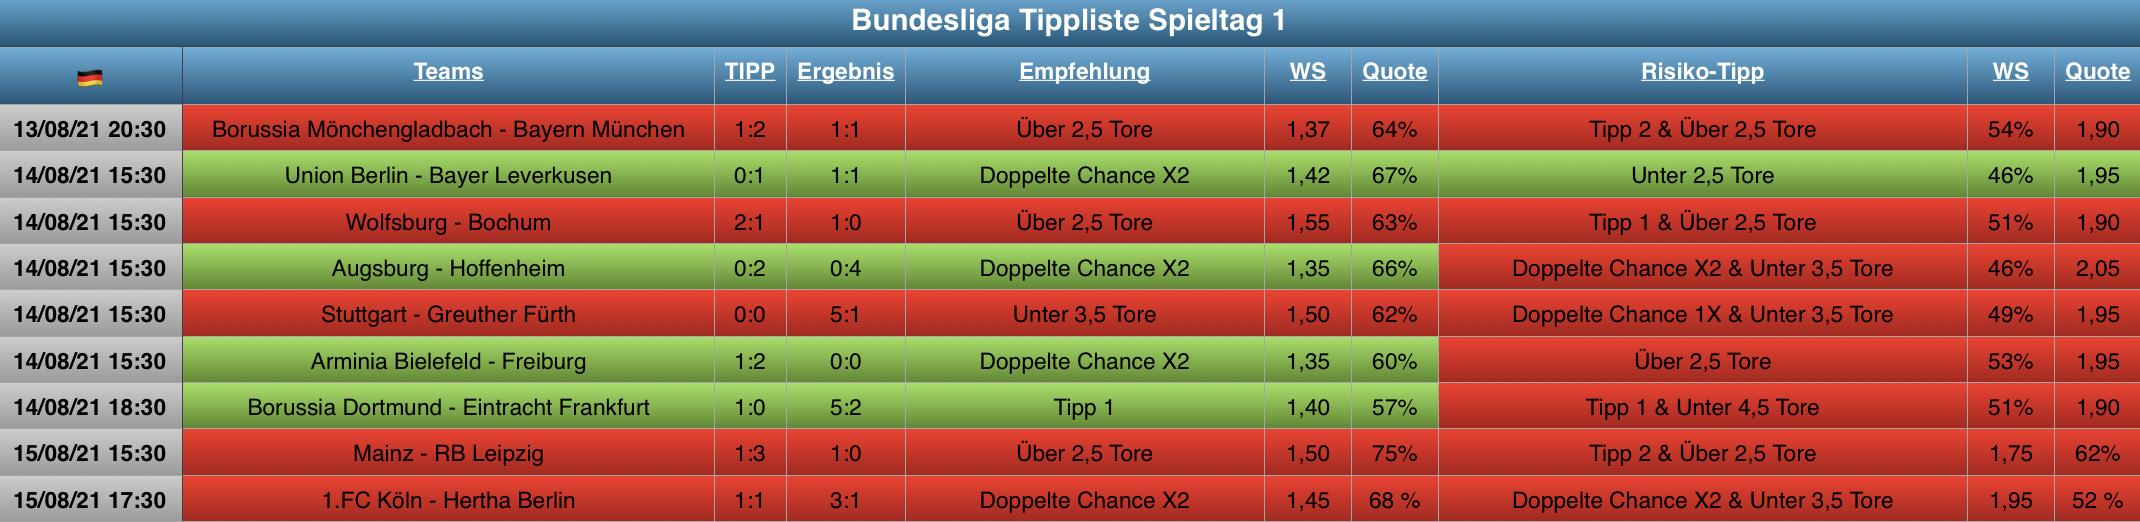 Auswertung Bundesliga Tippliste Spieltag 1 (2021)